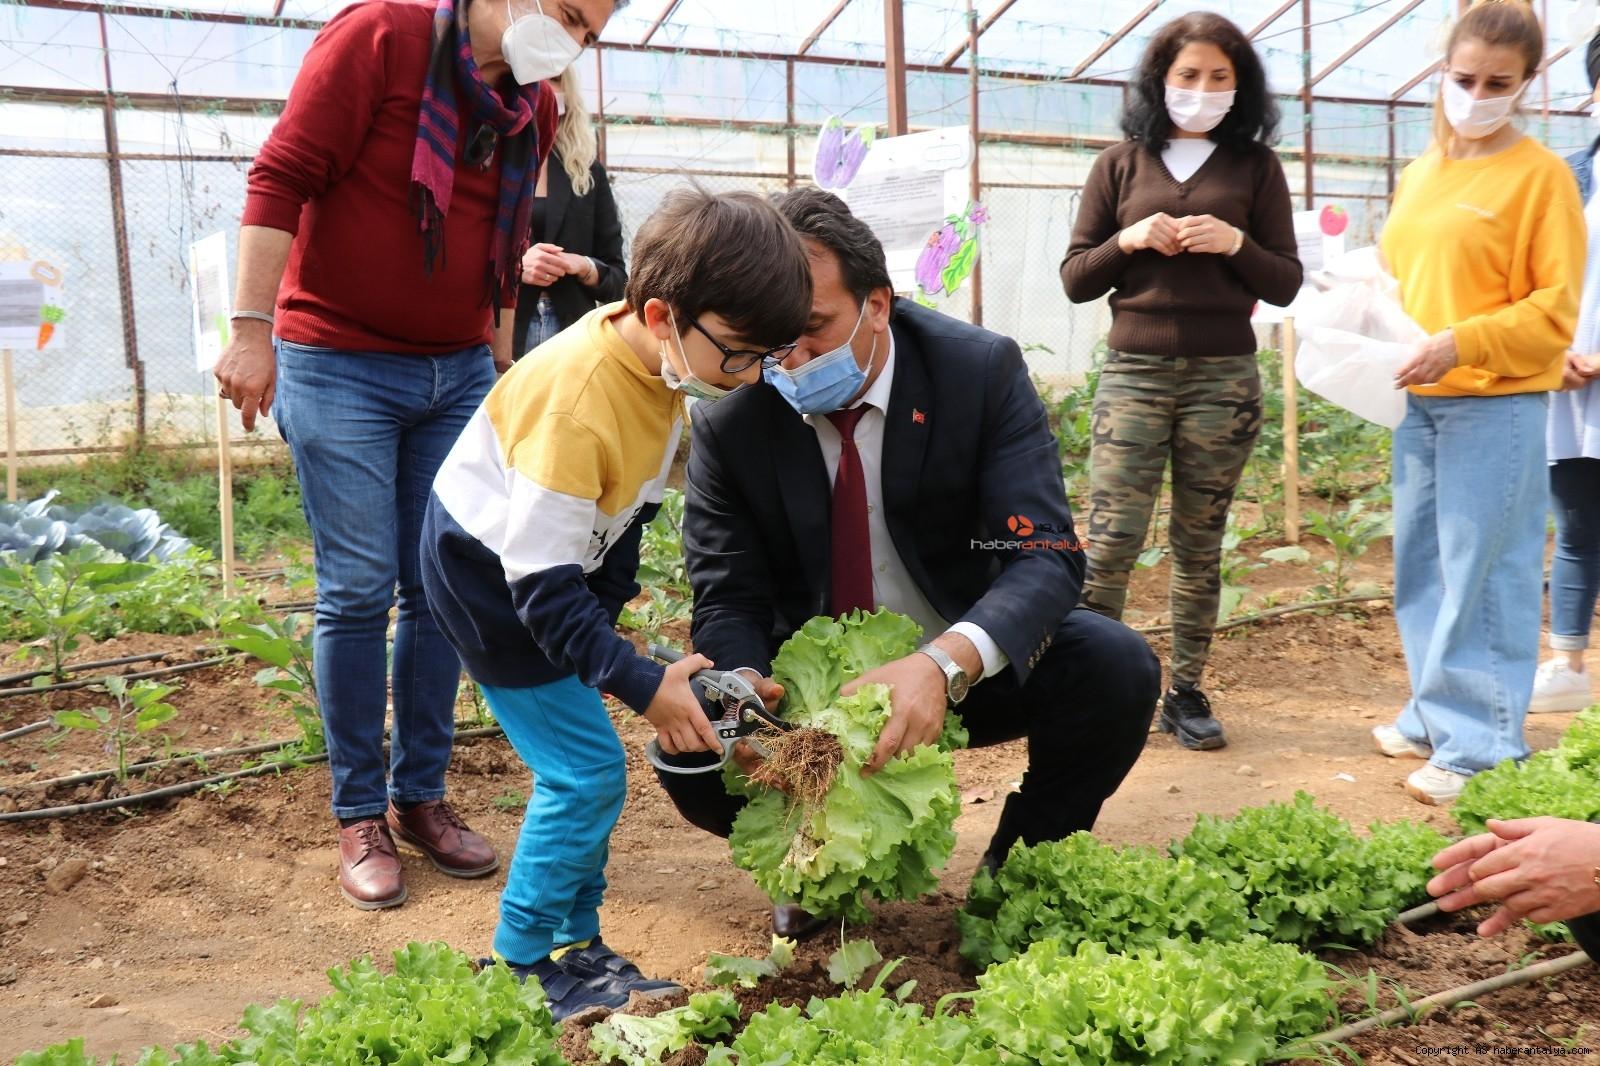 2021/04/minikler-serada-organik-sebze-yetistiriyor-20210415AW29-8.jpg